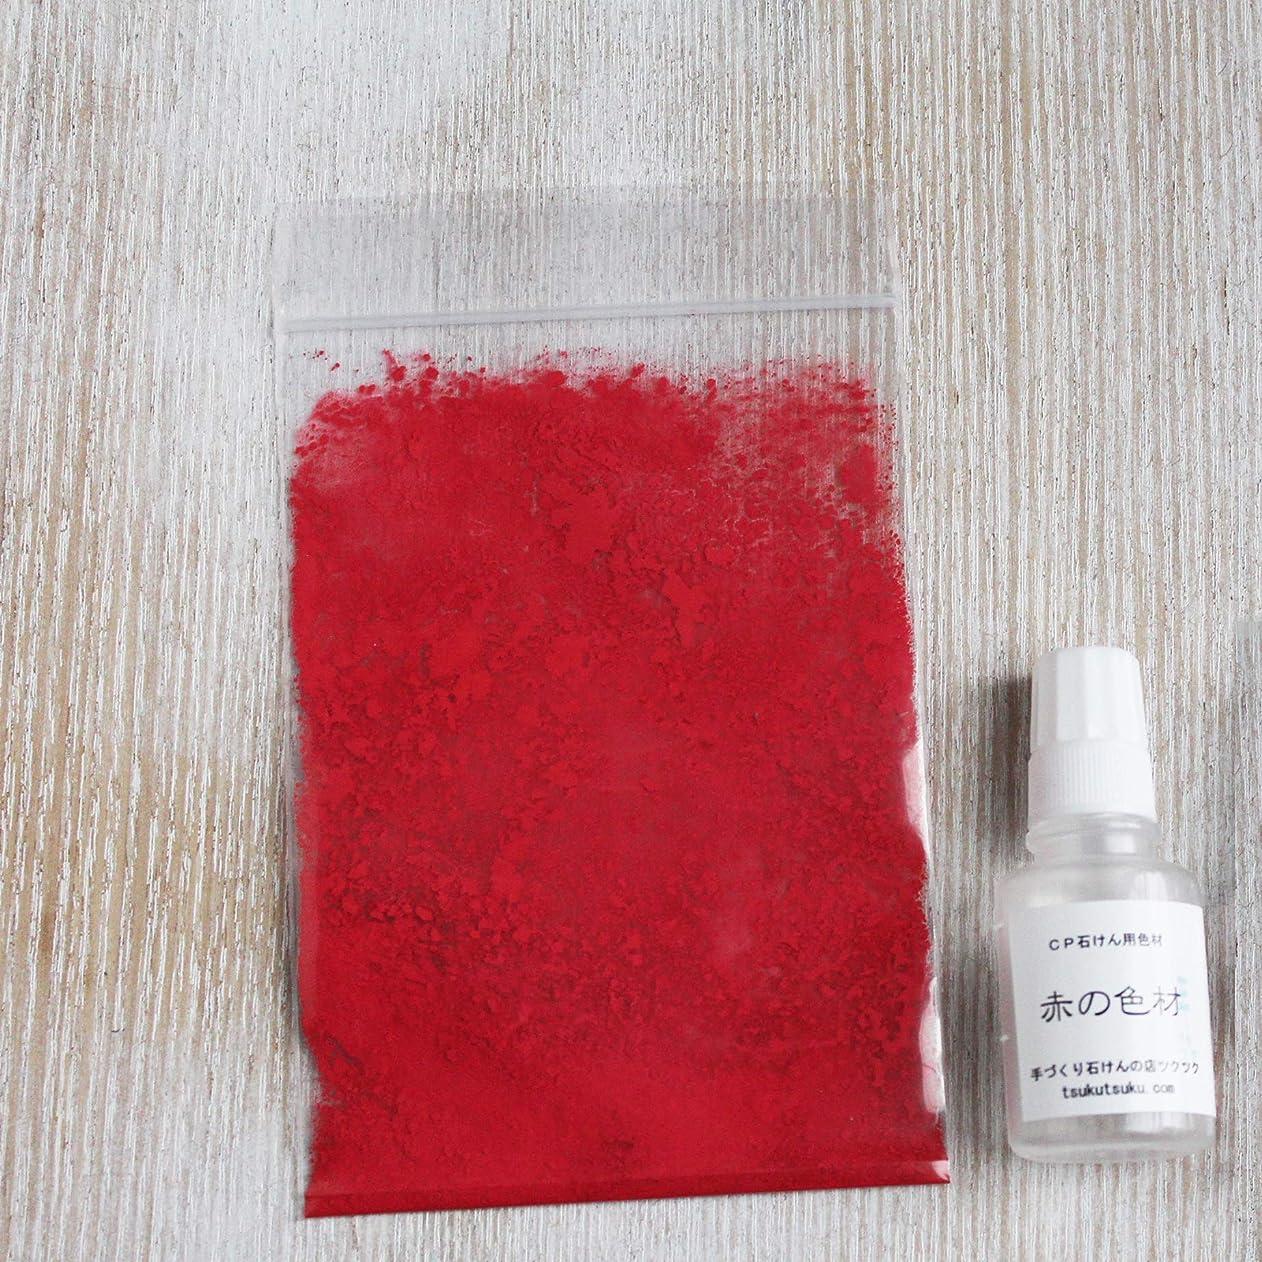 抵当声を出してレンダーCP石けん用色材 赤の色材キット/手作り石けん?手作り化粧品材料